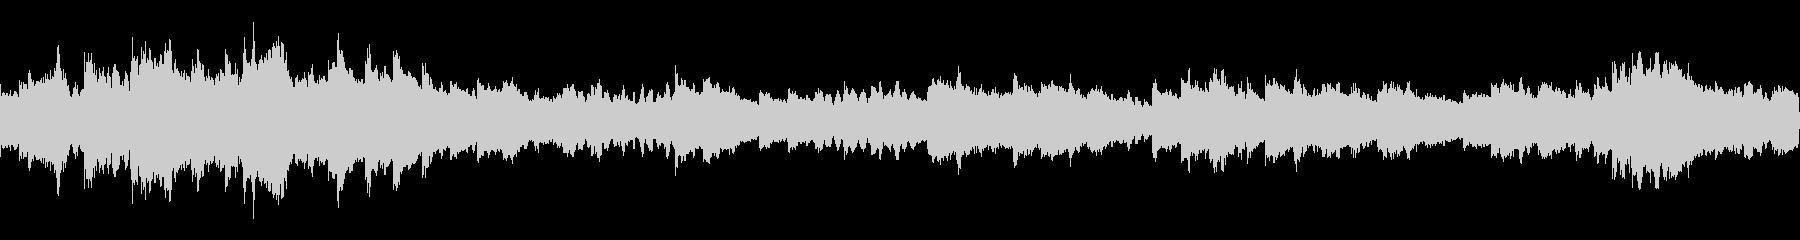 回想のオルゴールバラード曲(ループ仕様)の未再生の波形